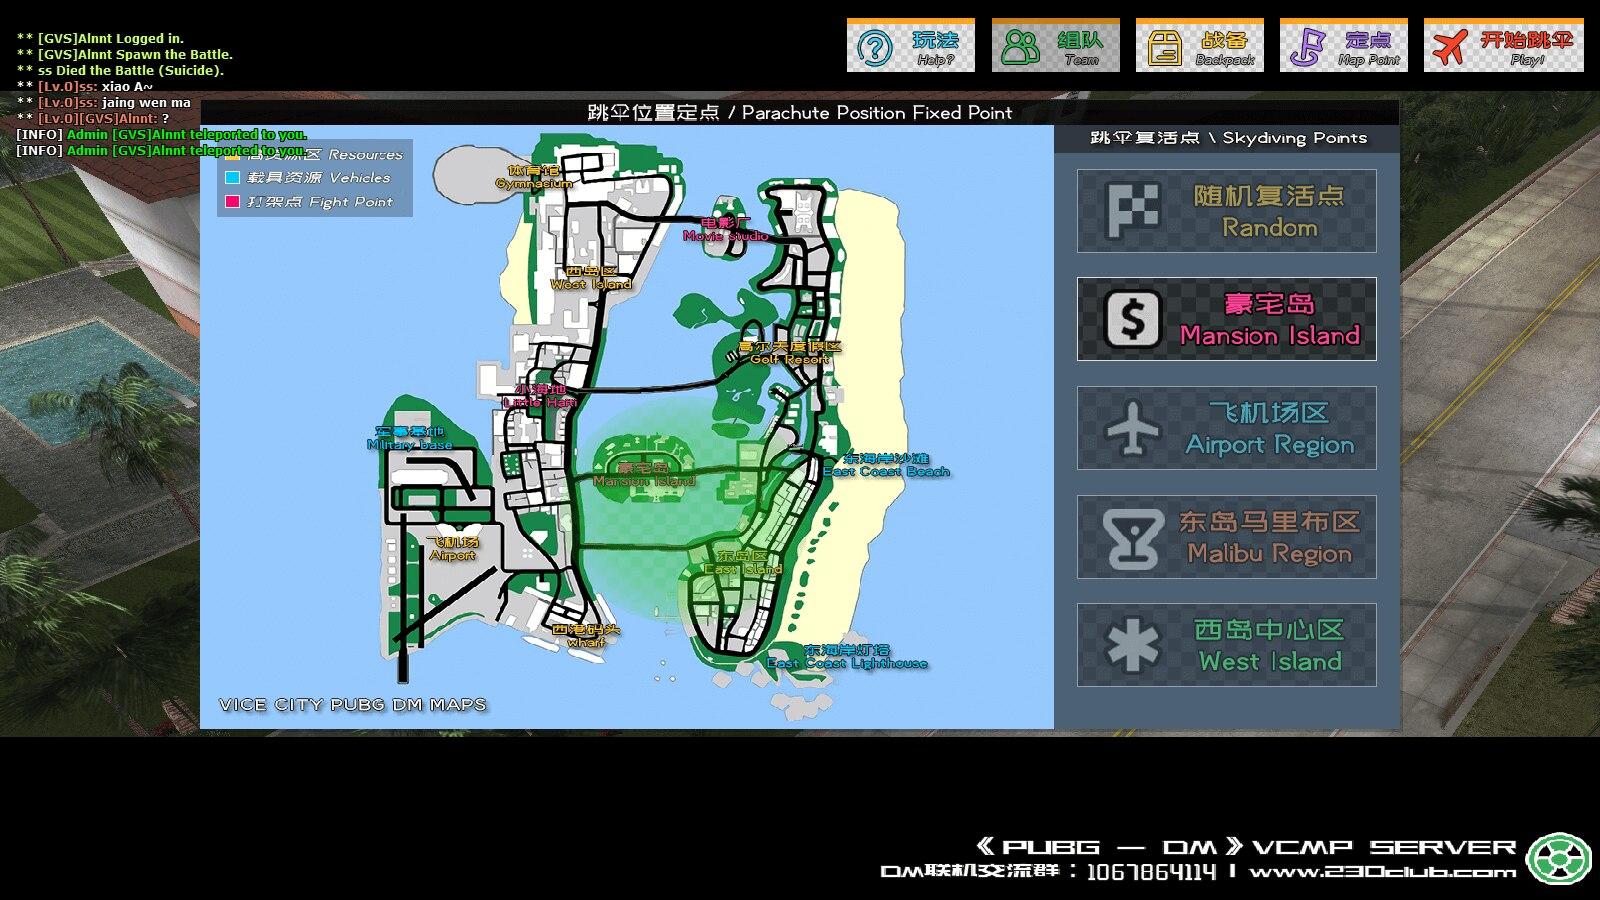 VCMP《罪恶都市:绝地求生DM》联机游戏介绍